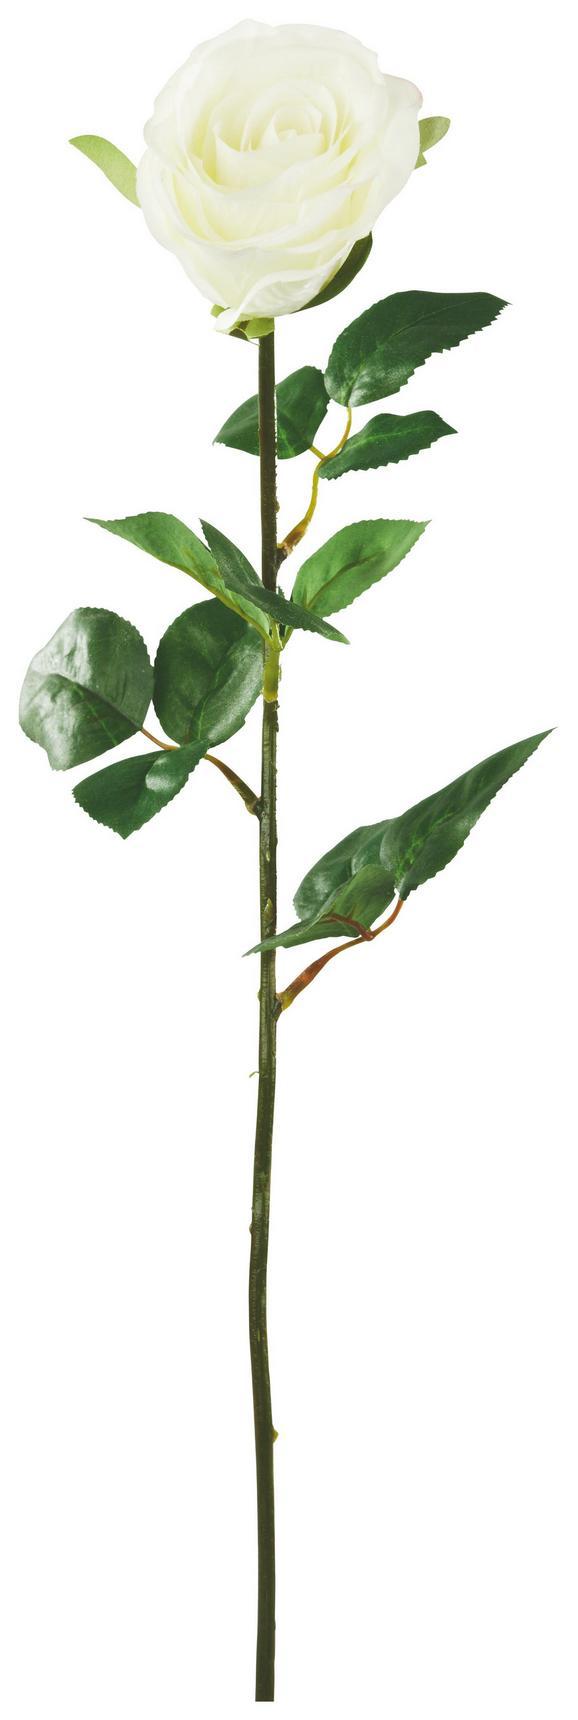 Művirág Rose - Zöld/Krém, Műanyag/Fém (69cm) - Mömax modern living